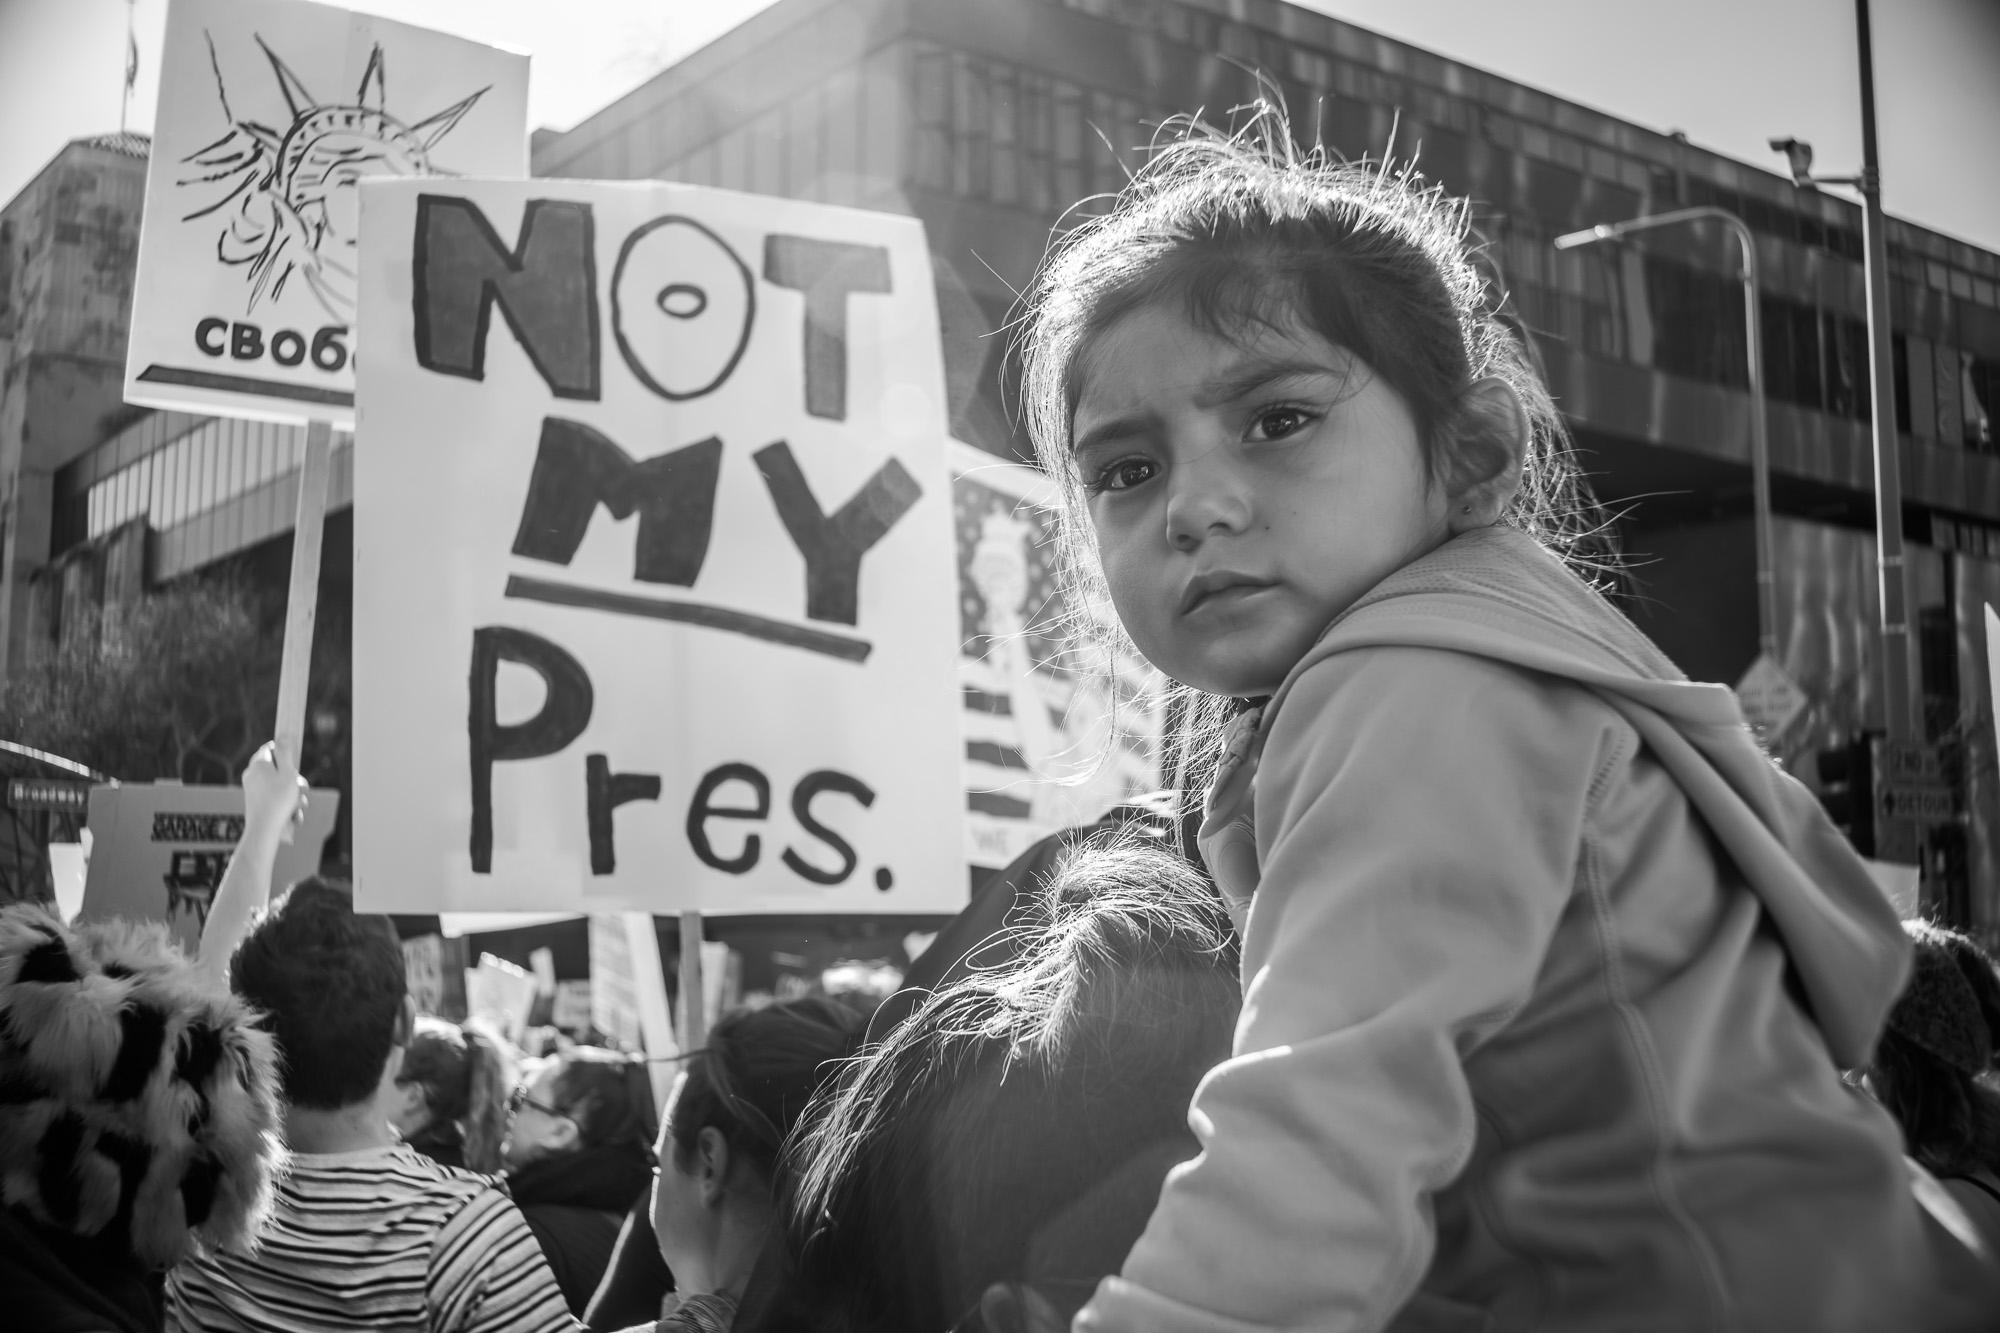 Protesting_24.jpg